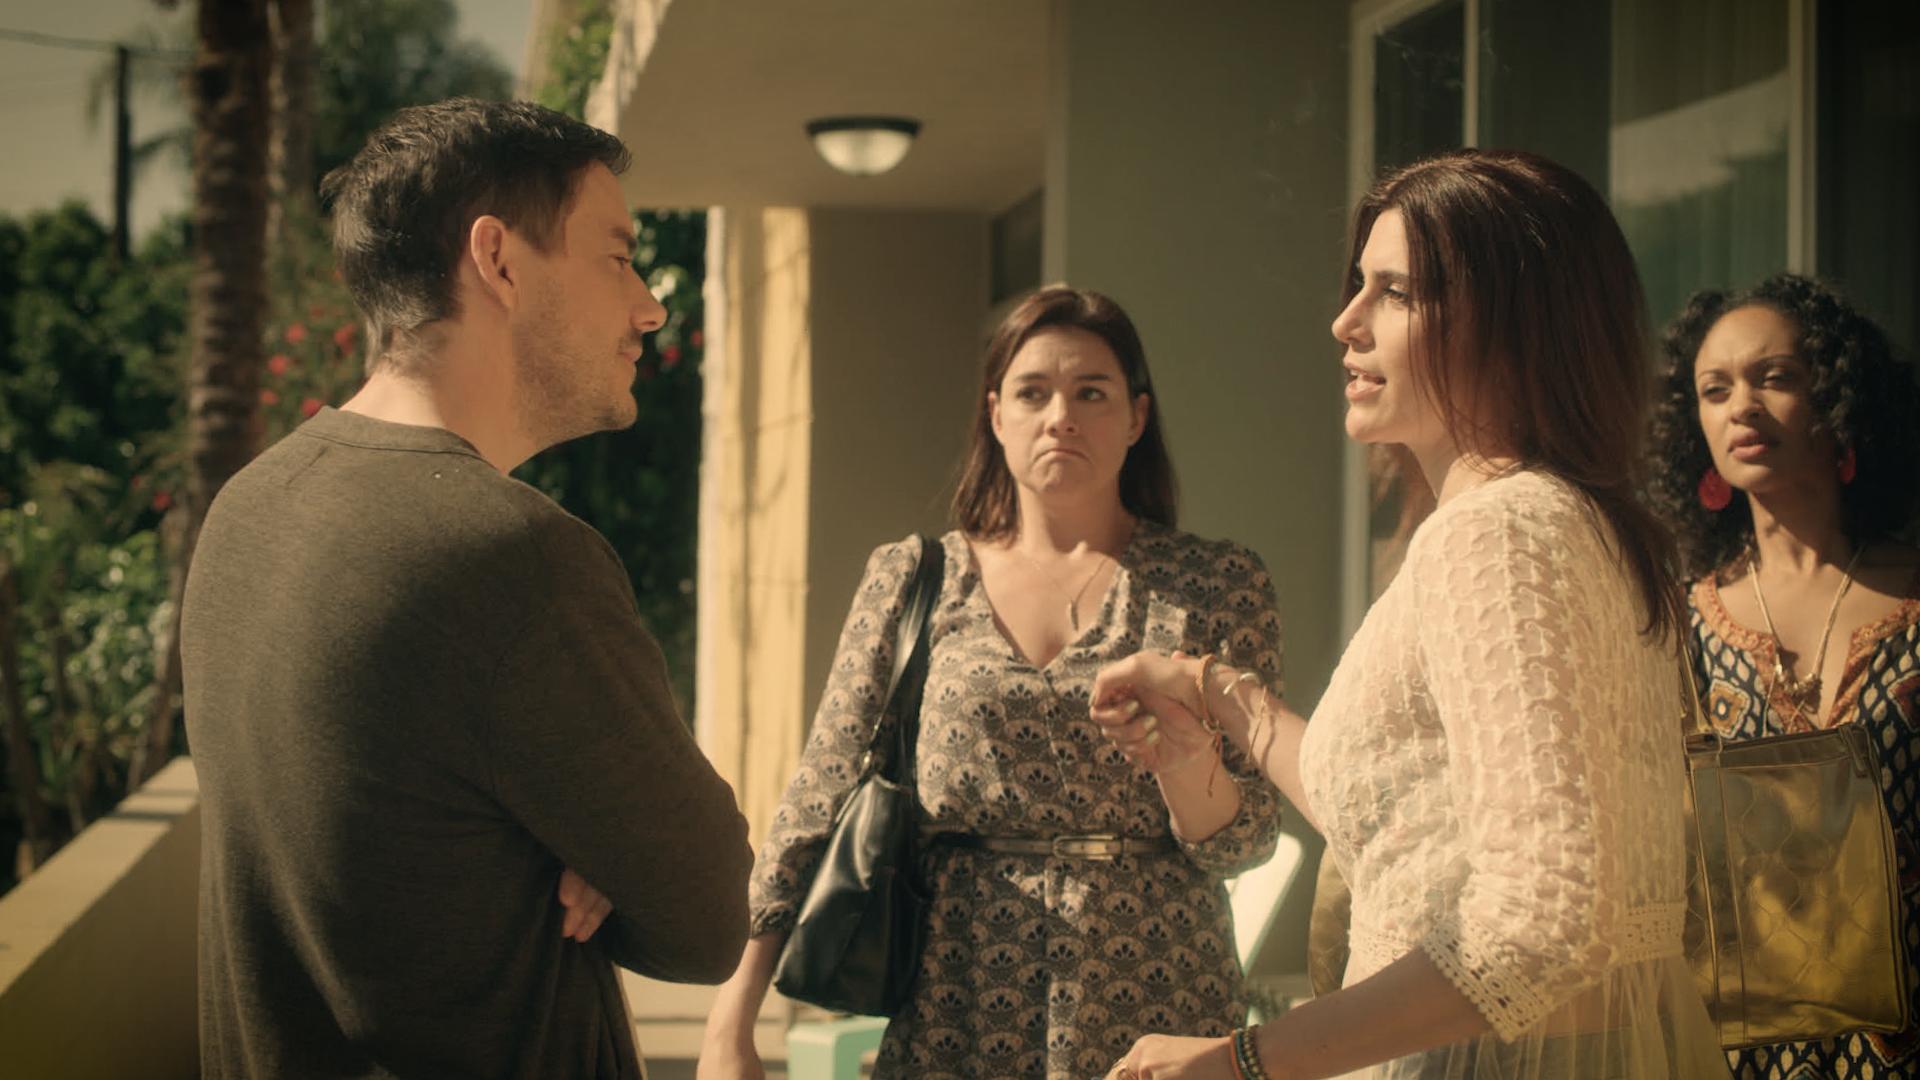 John Sloan, Catia Ojeda, Milena Govich and Cynthia Addai-Robinson star in Closure